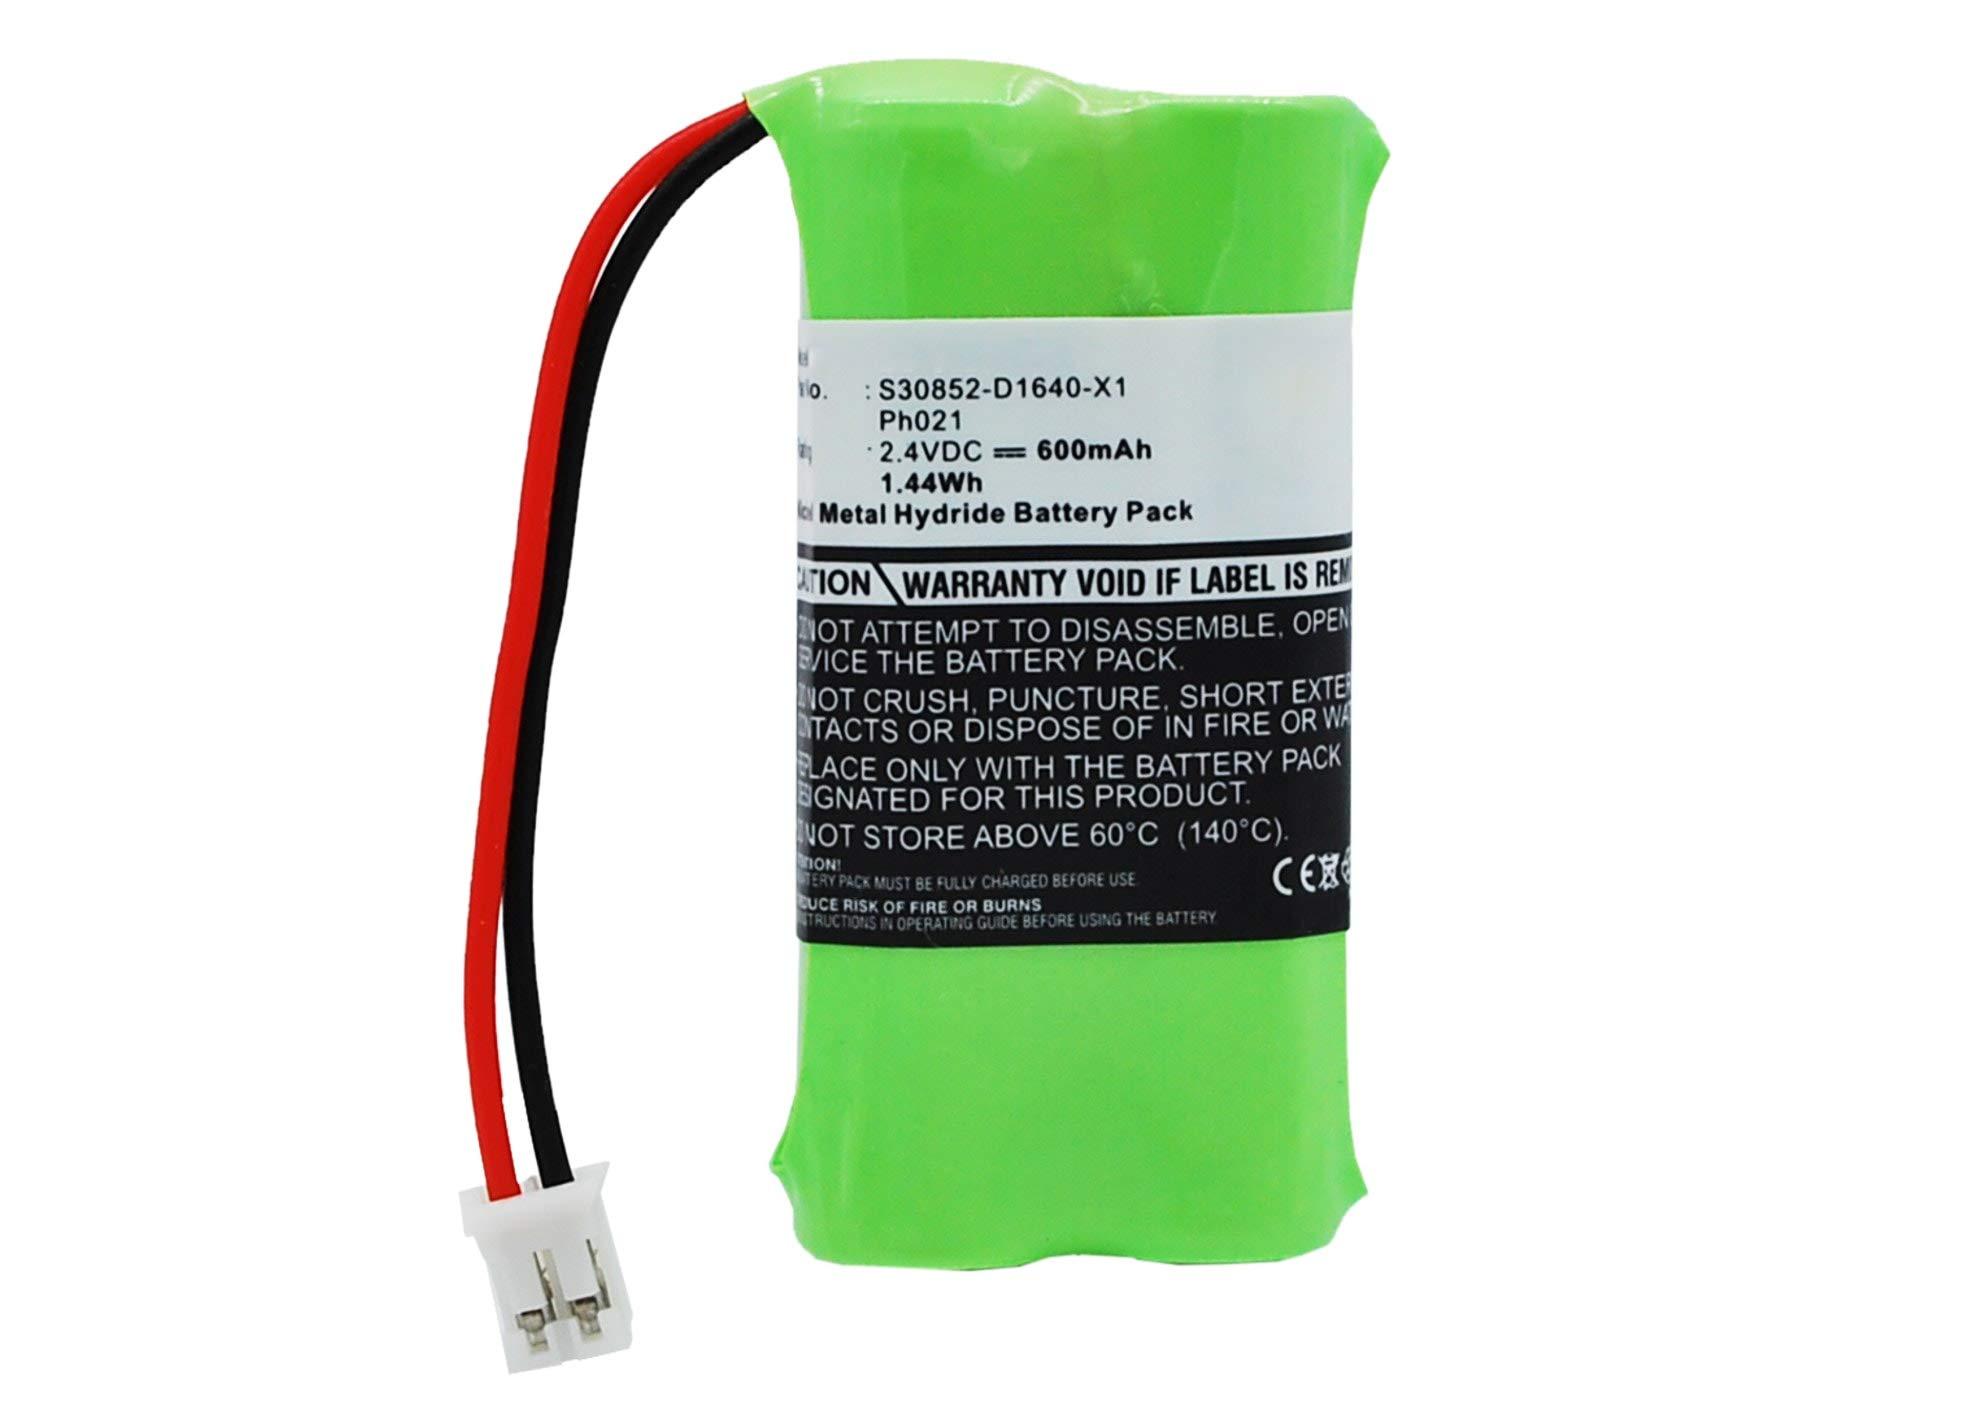 subtel® Batería Premium Compatible con Siemens Gigaset 140 (600mAh) bateria de Repuesto, Pila reemplazo, sustitución: Amazon.es: Electrónica